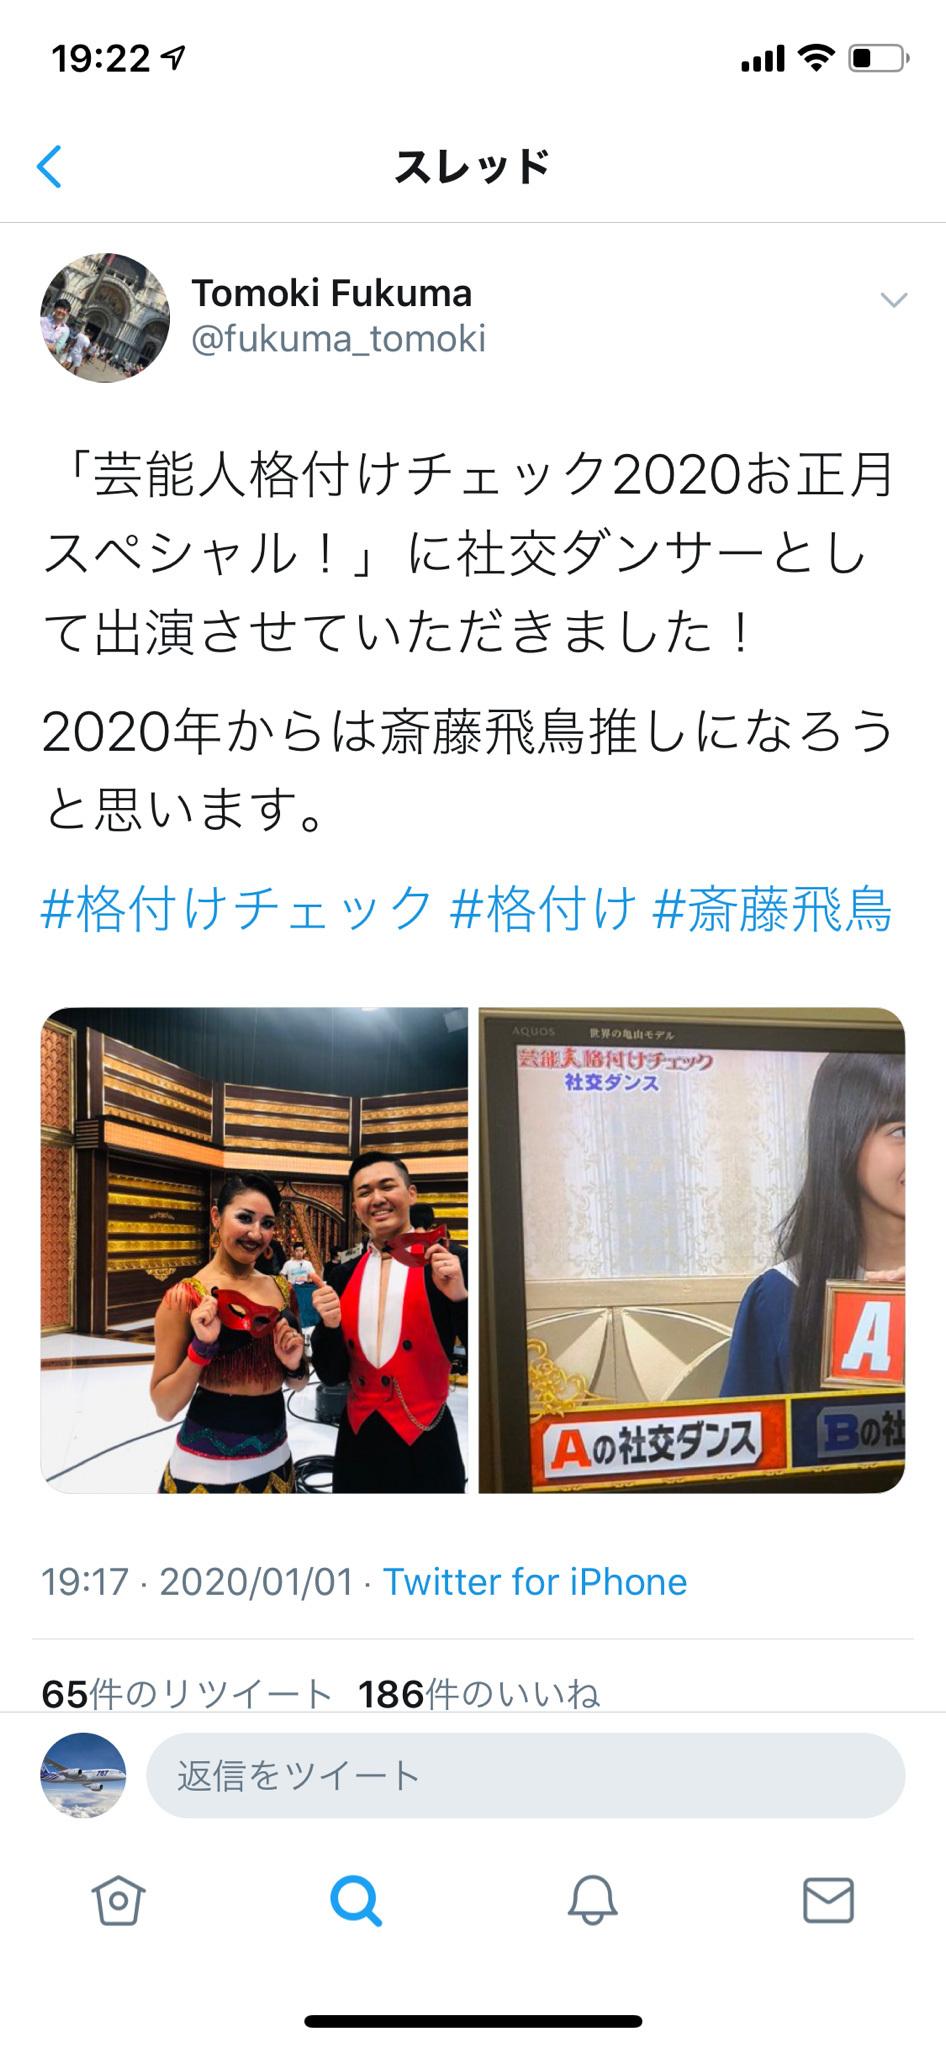 芸能人格付けチェック Aの社交ダンサー「2020年からは齋藤飛鳥推しになろうと思います」